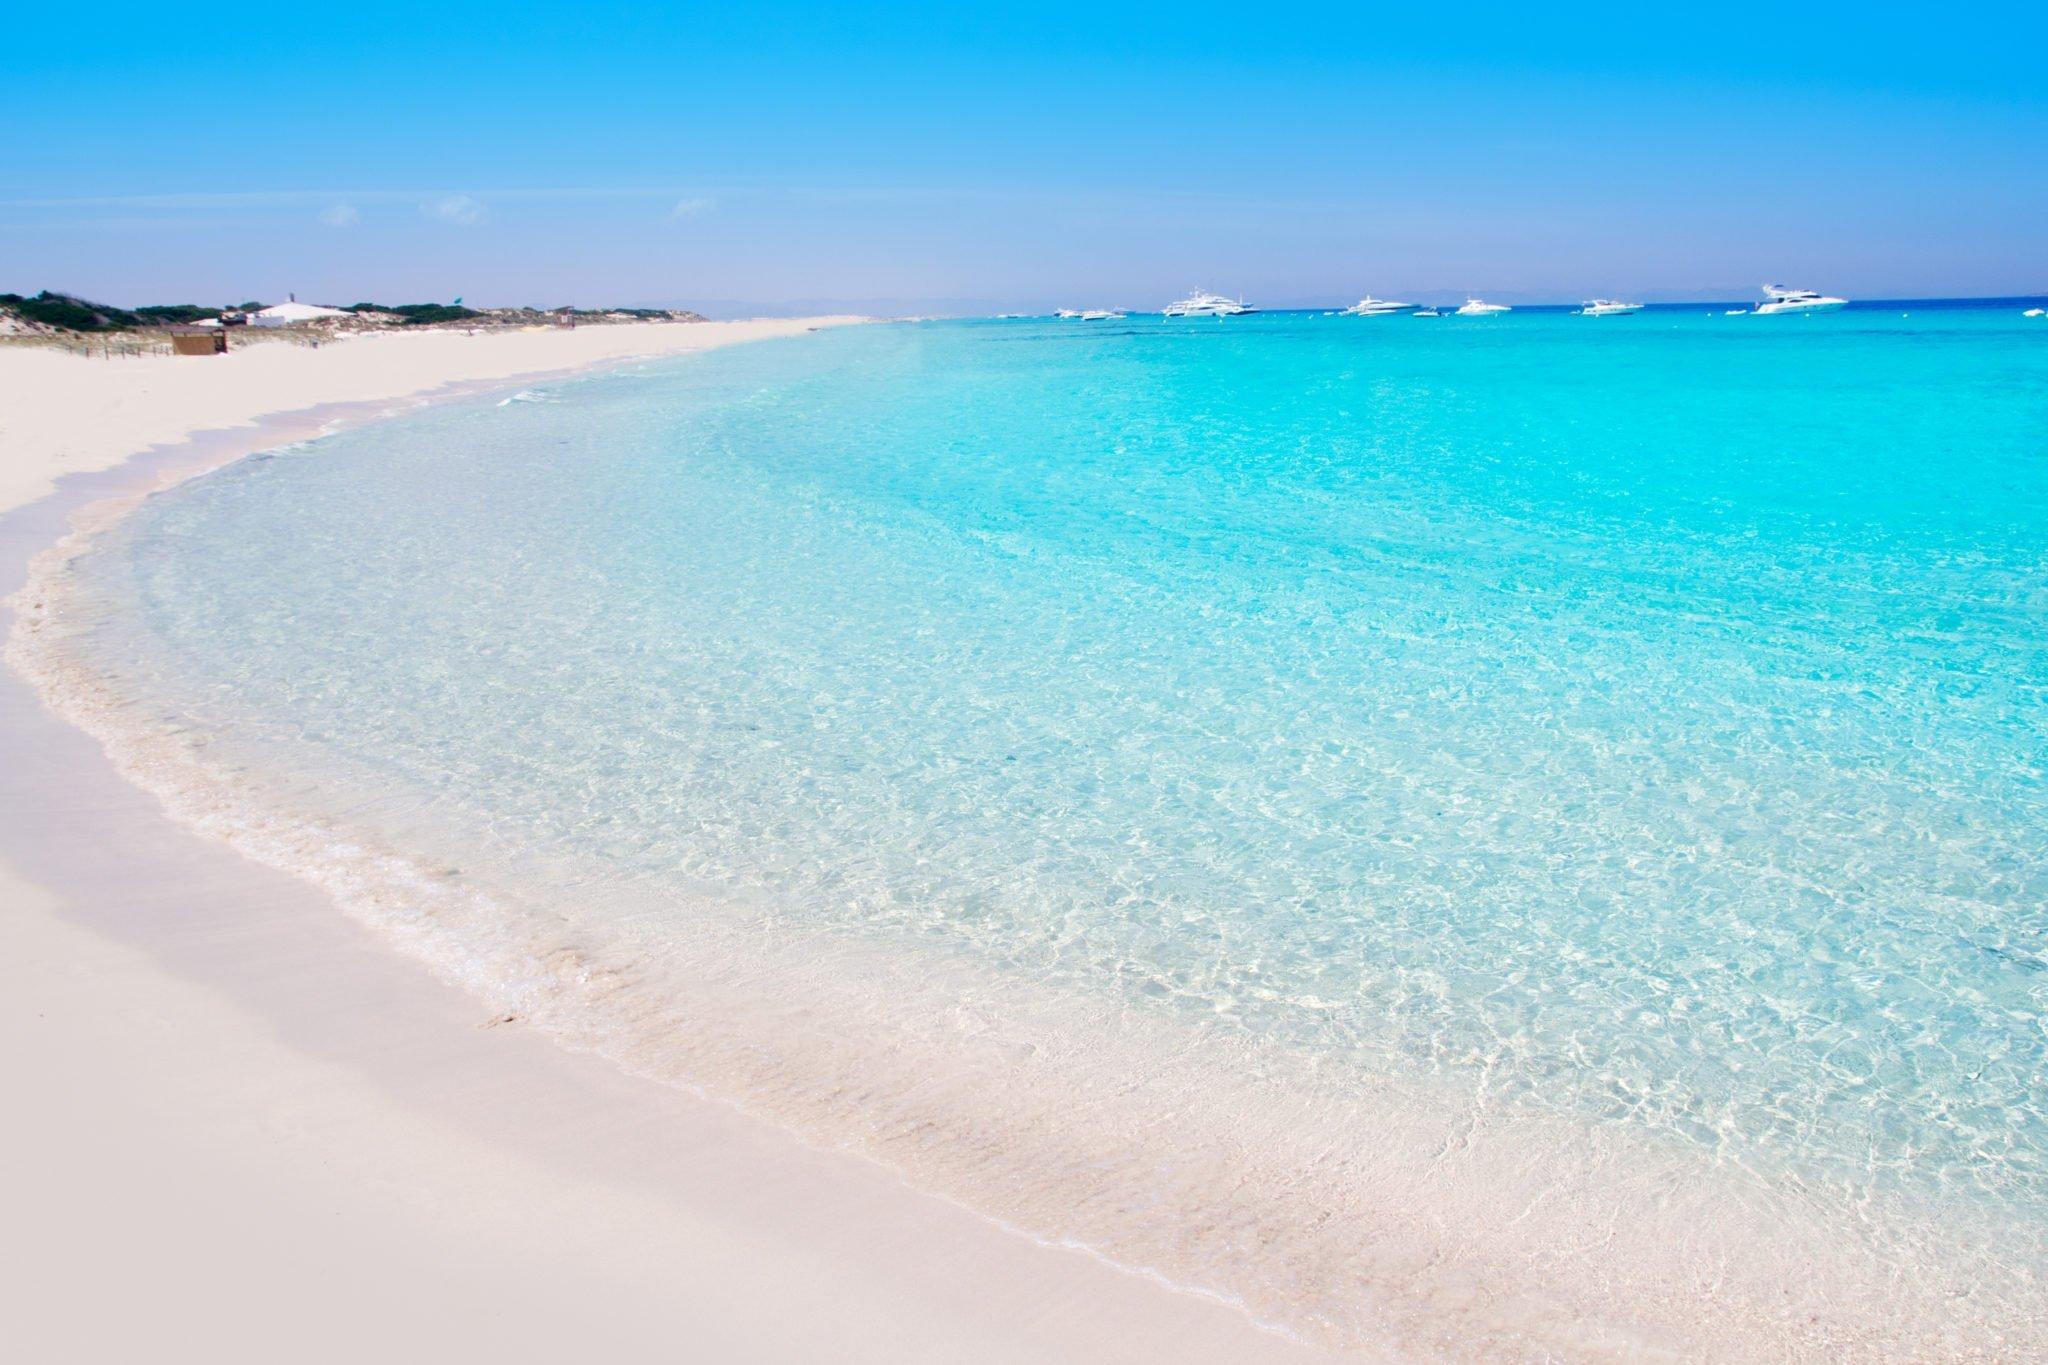 """Formentera - die """"kleine Karibik"""" Europas"""